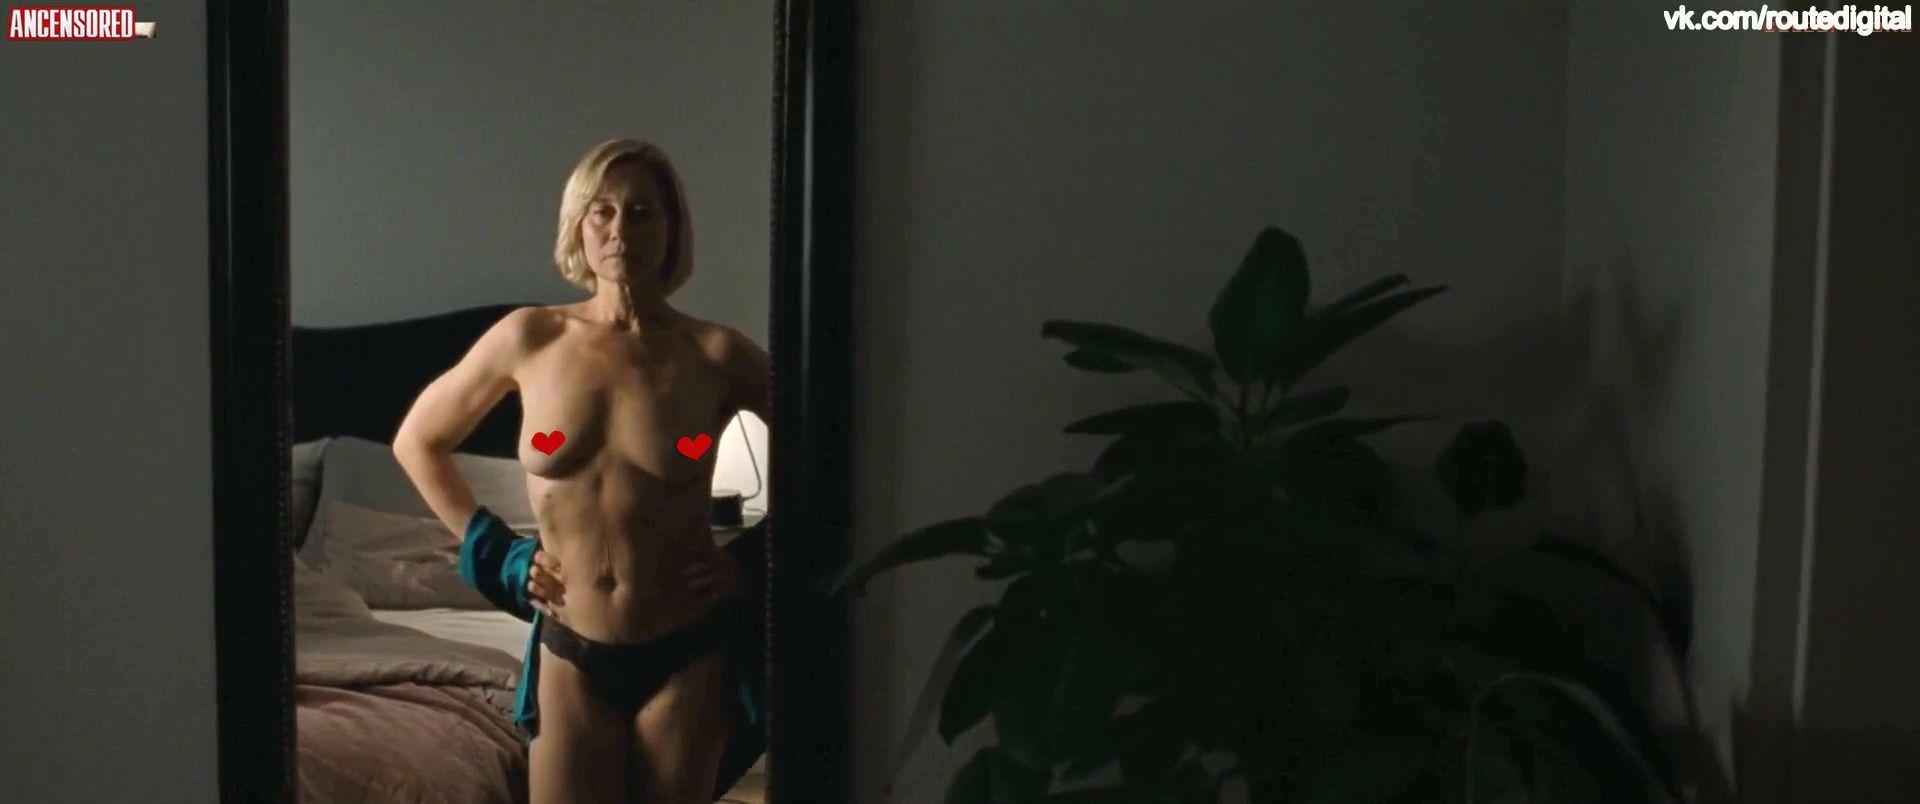 Трине Дюрхольм фото в зеркале